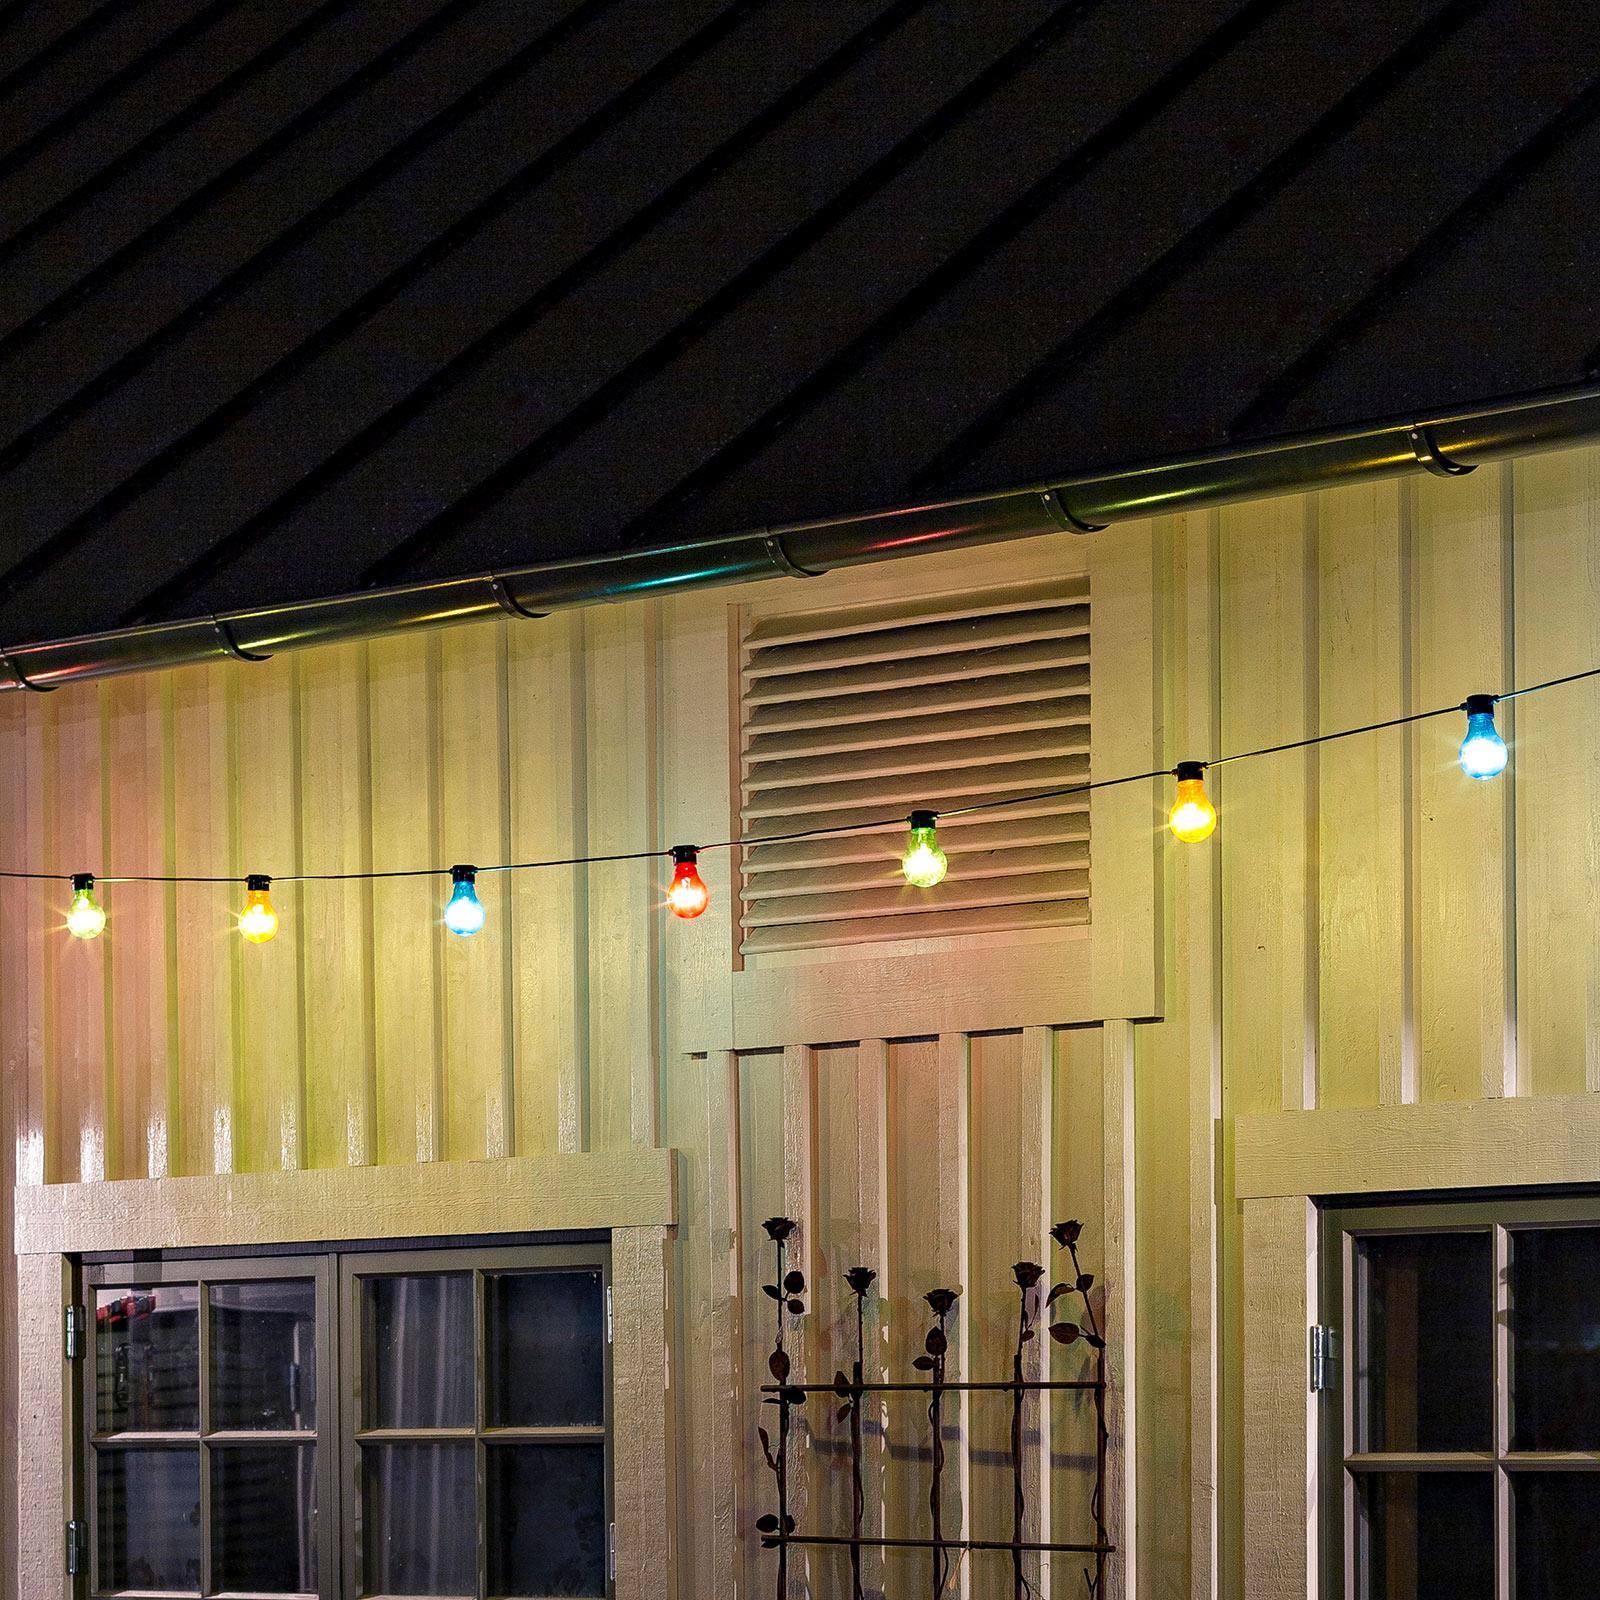 Lichtketting Biergarten 20 kleurrijke LED lampen